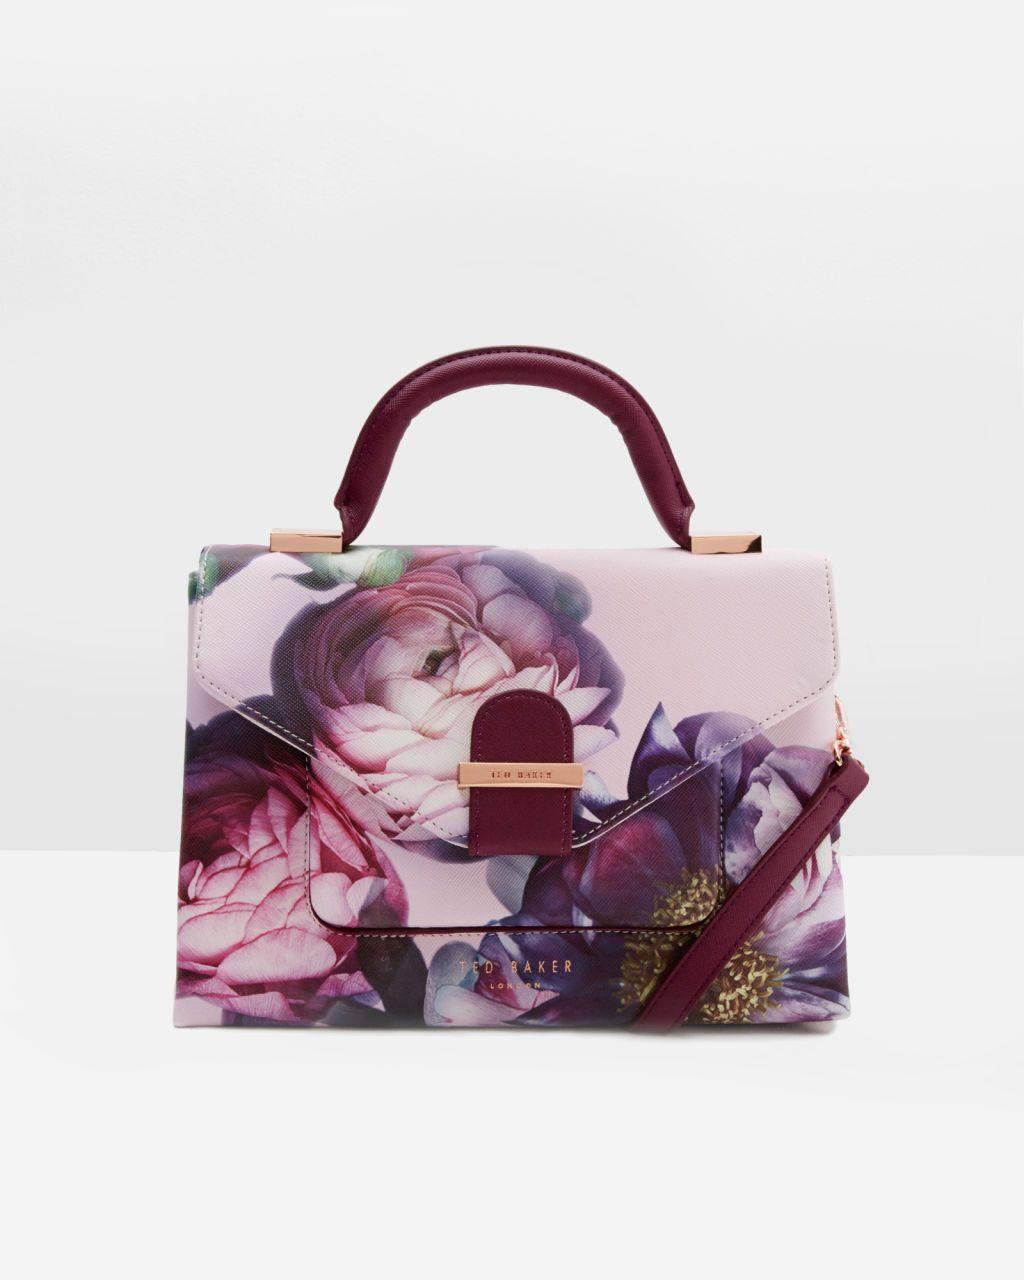 701cf42abe0 Ted Baker Sunlit Floral crosshatch tote bag $185 | Bags n belts ...